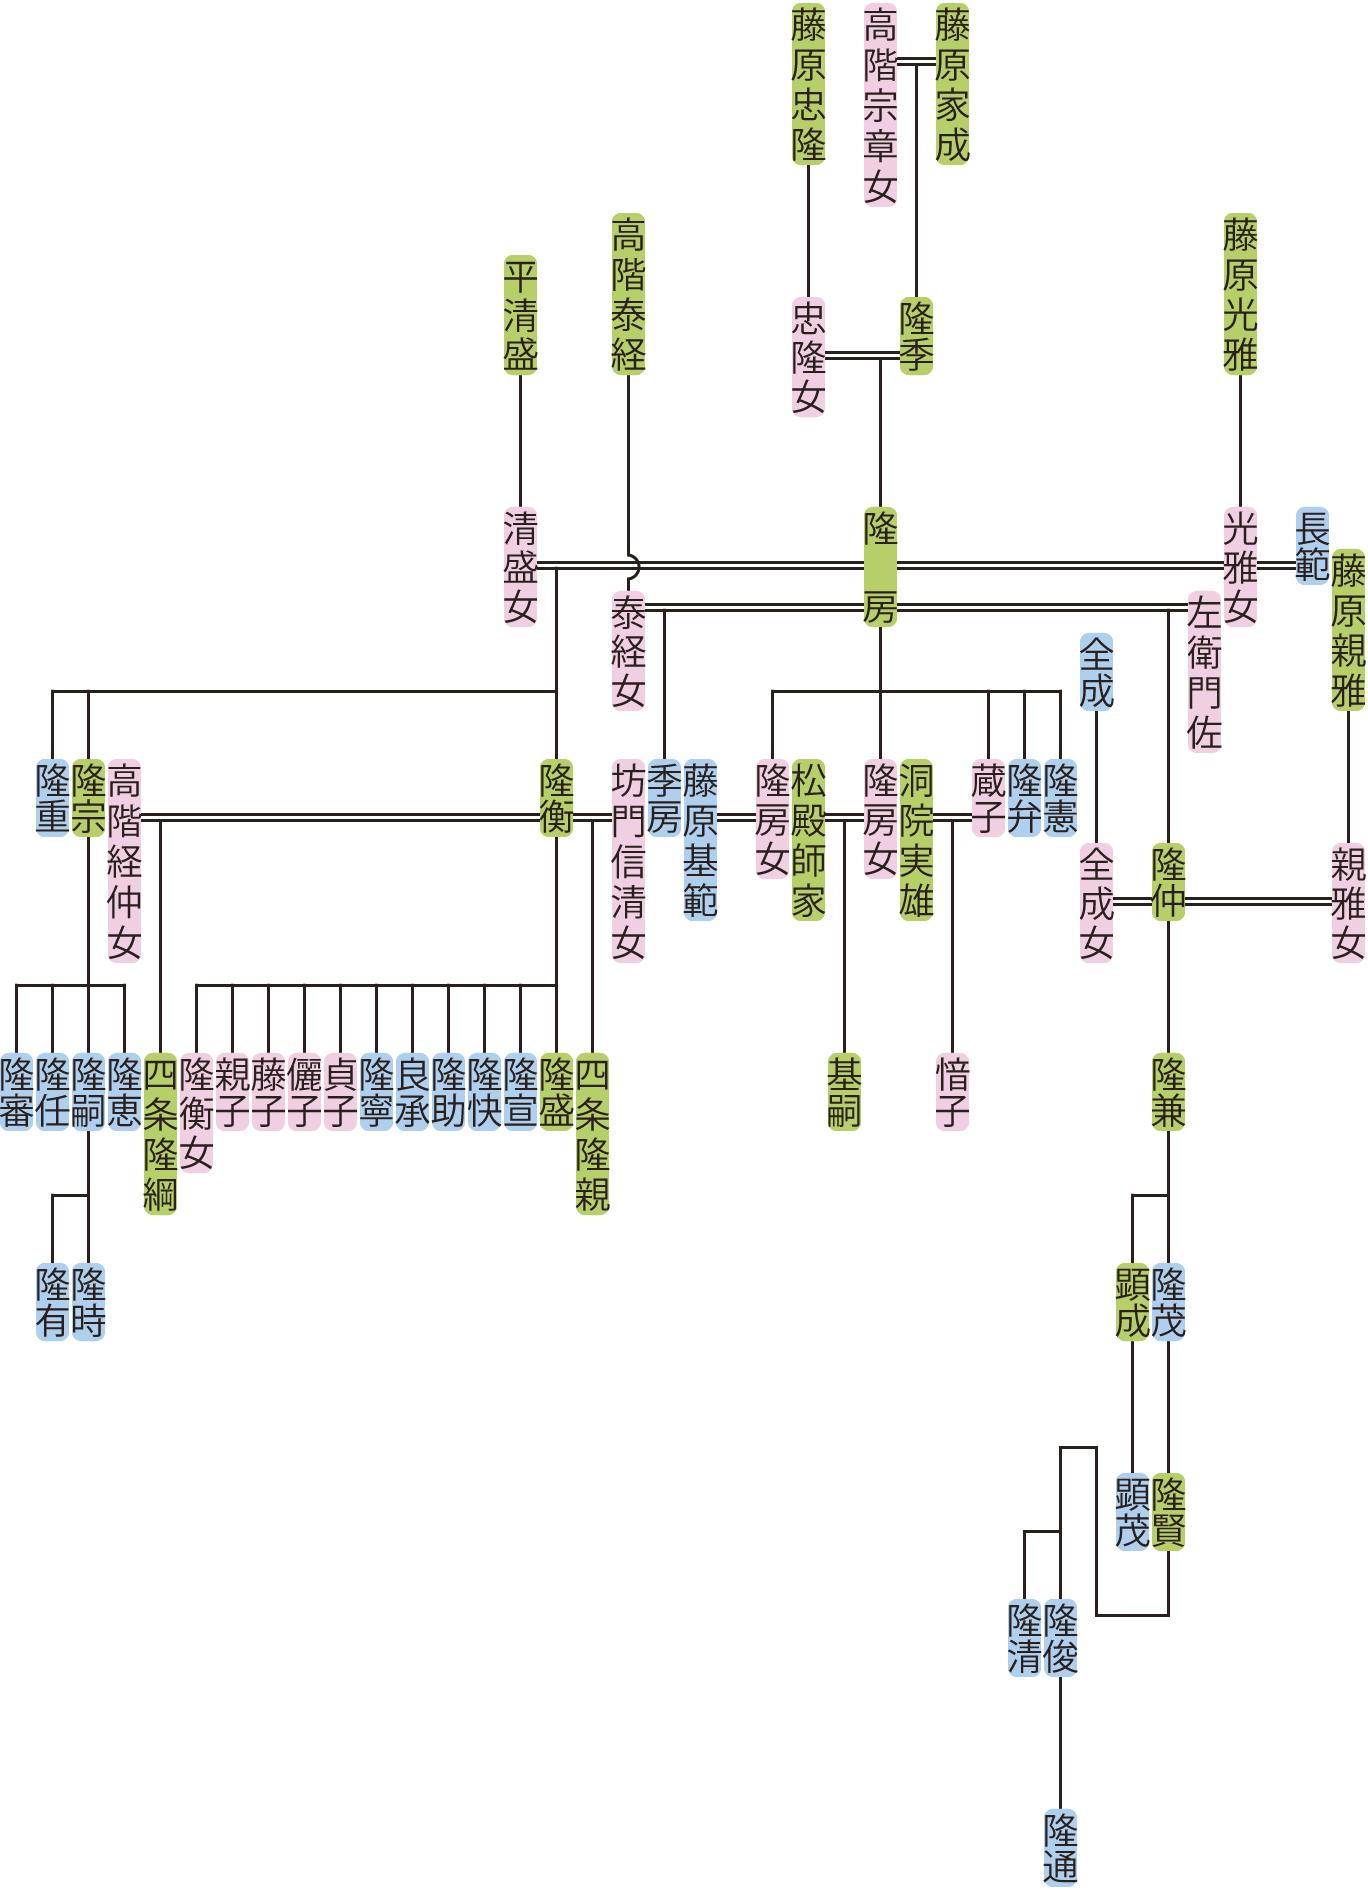 藤原隆房の系図